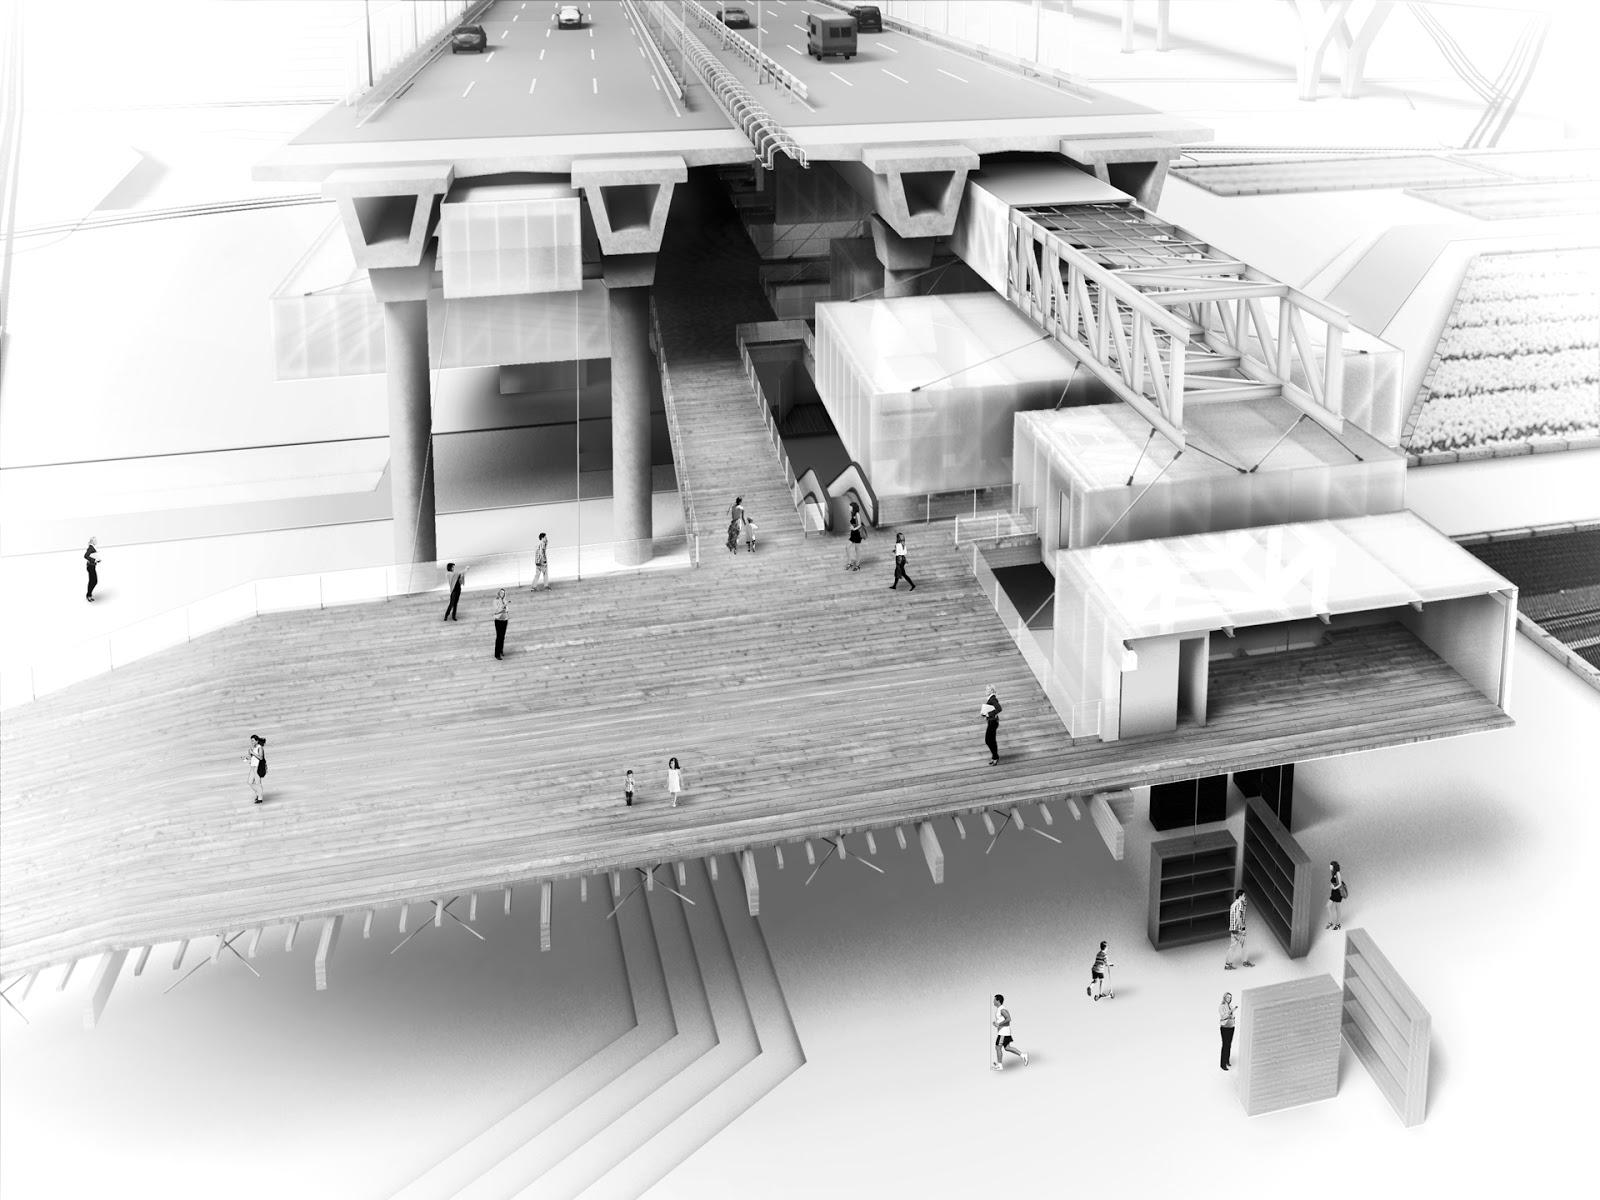 RENDERS 3D PFC - Sección 3D Perspectiva del Mercado Orgánico para el PFC de un alumno de la UEM - ETSAM UEM UCJC ESAYT USPCEU USP CEU IE UAX UAH UPM ETSA